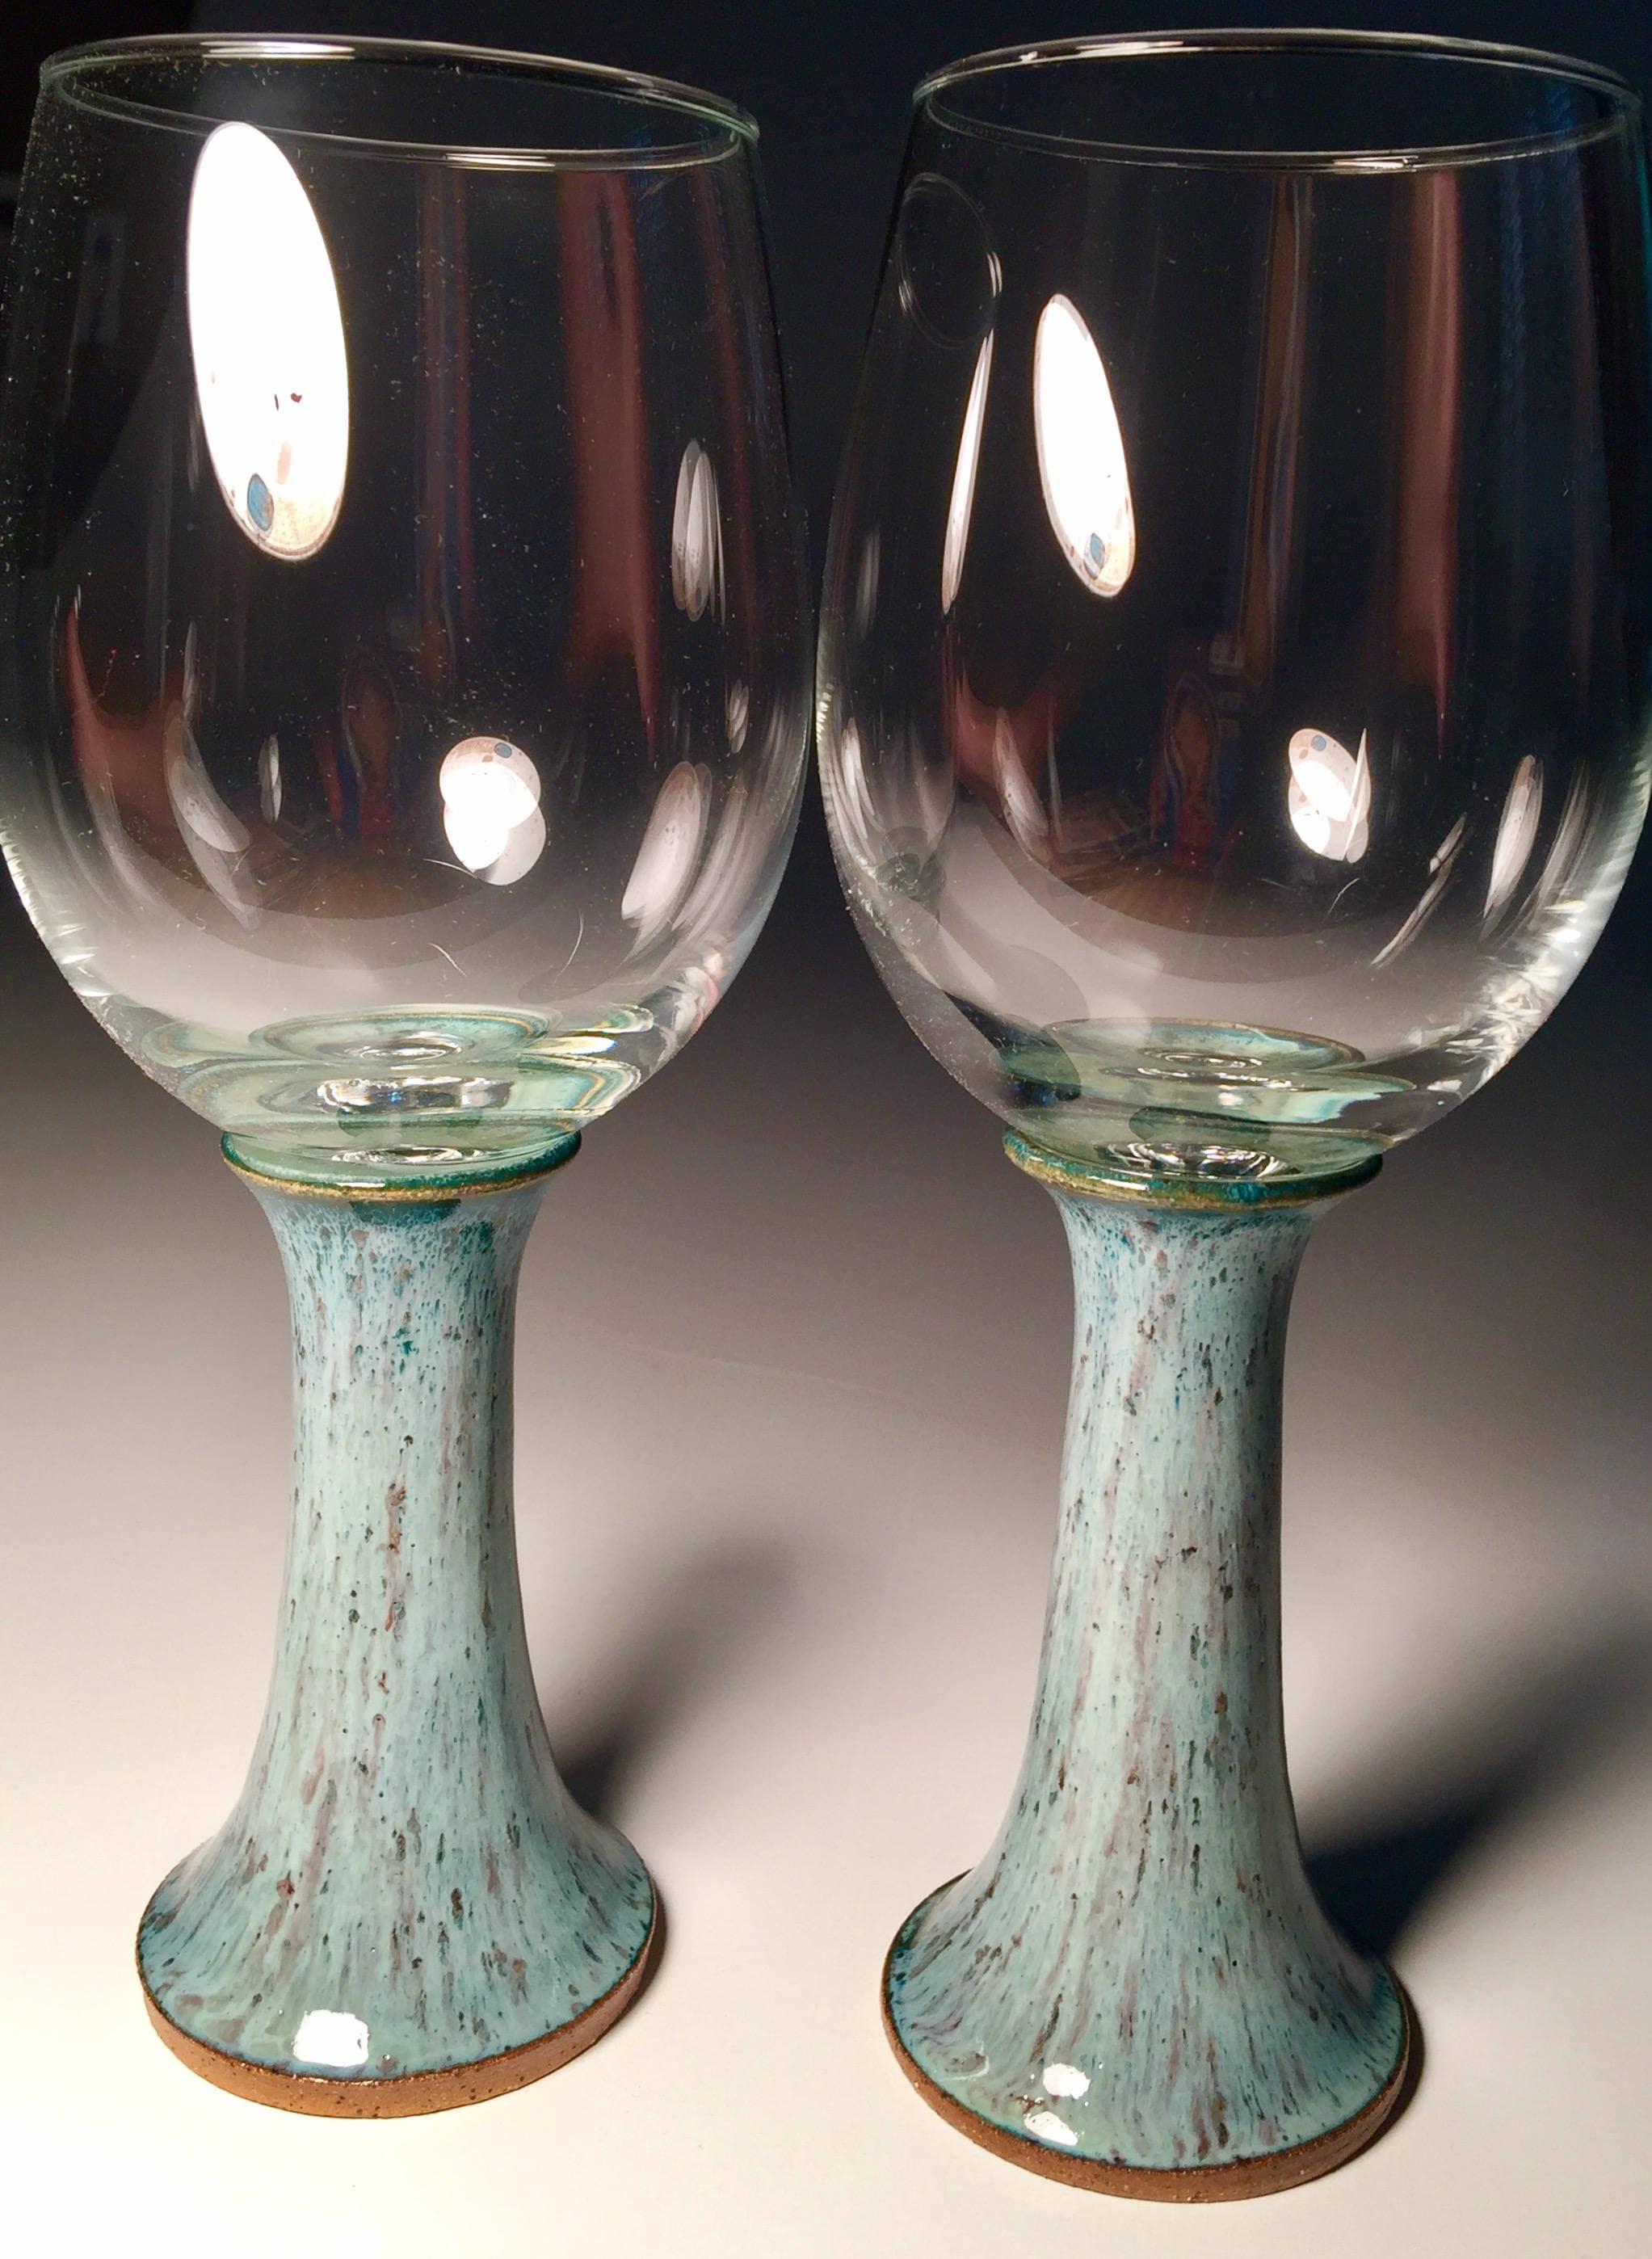 Geschenk & Momentos-personalisiert-Geschenk-Wein